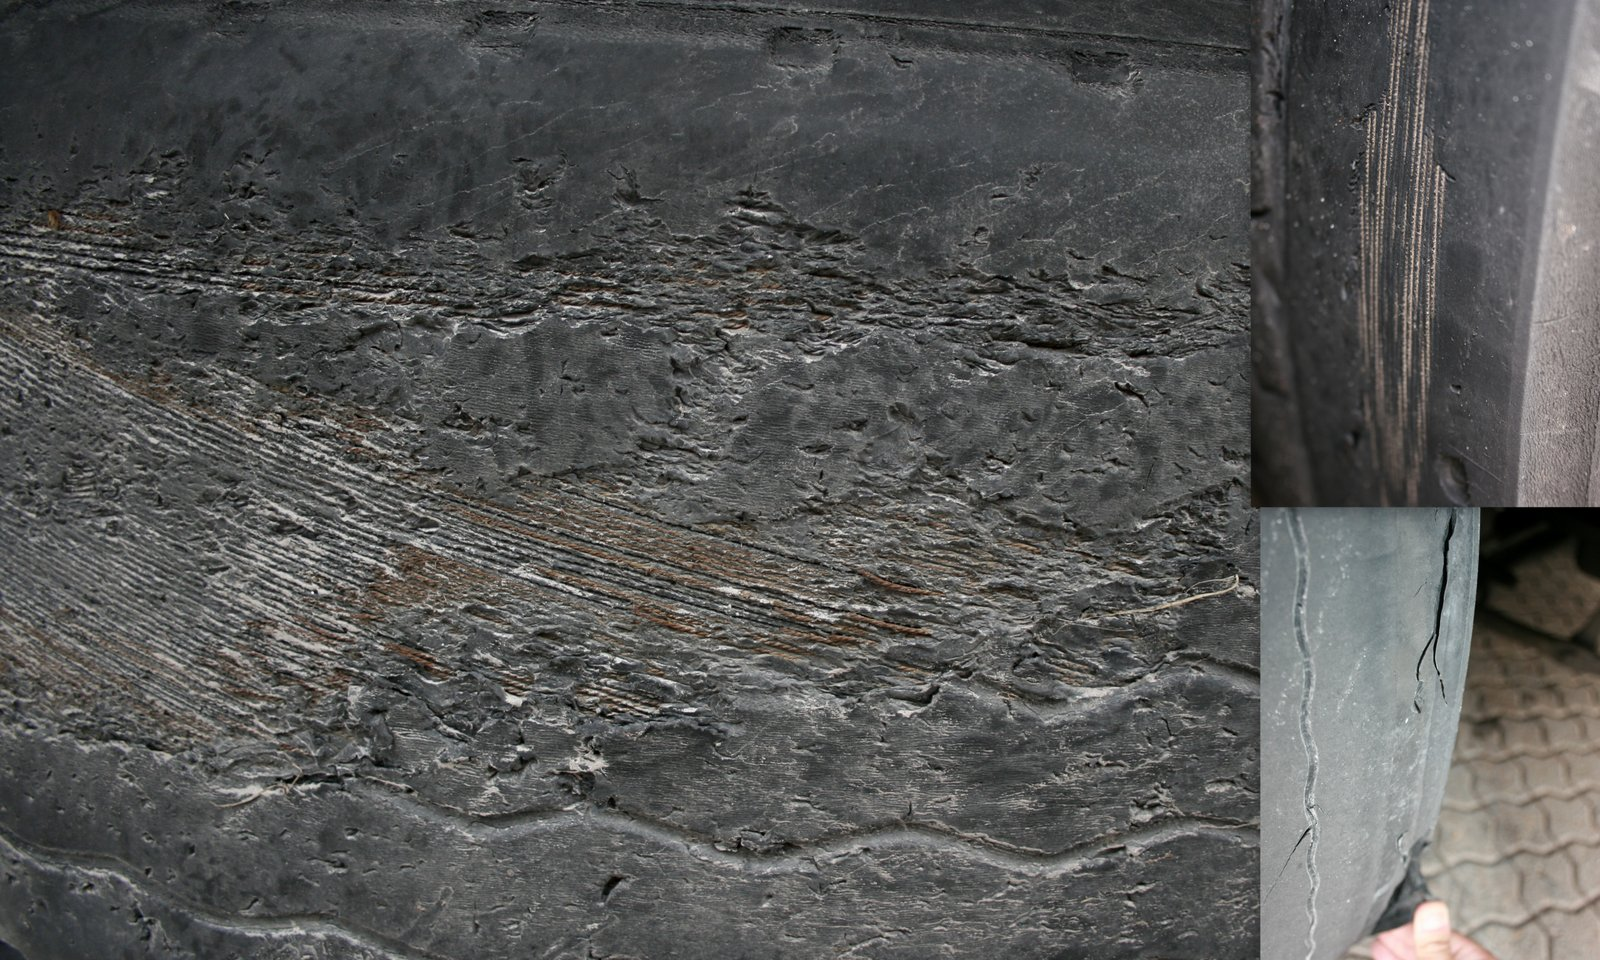 Reservhjulet till vänster i bild har körts helt slut. Den övre bilden till höger visar ett av trailerns däck och den undre bilden visar hur framhjulets däck har börjat separera. Foto: Heidi Bodensjö/Proffs.